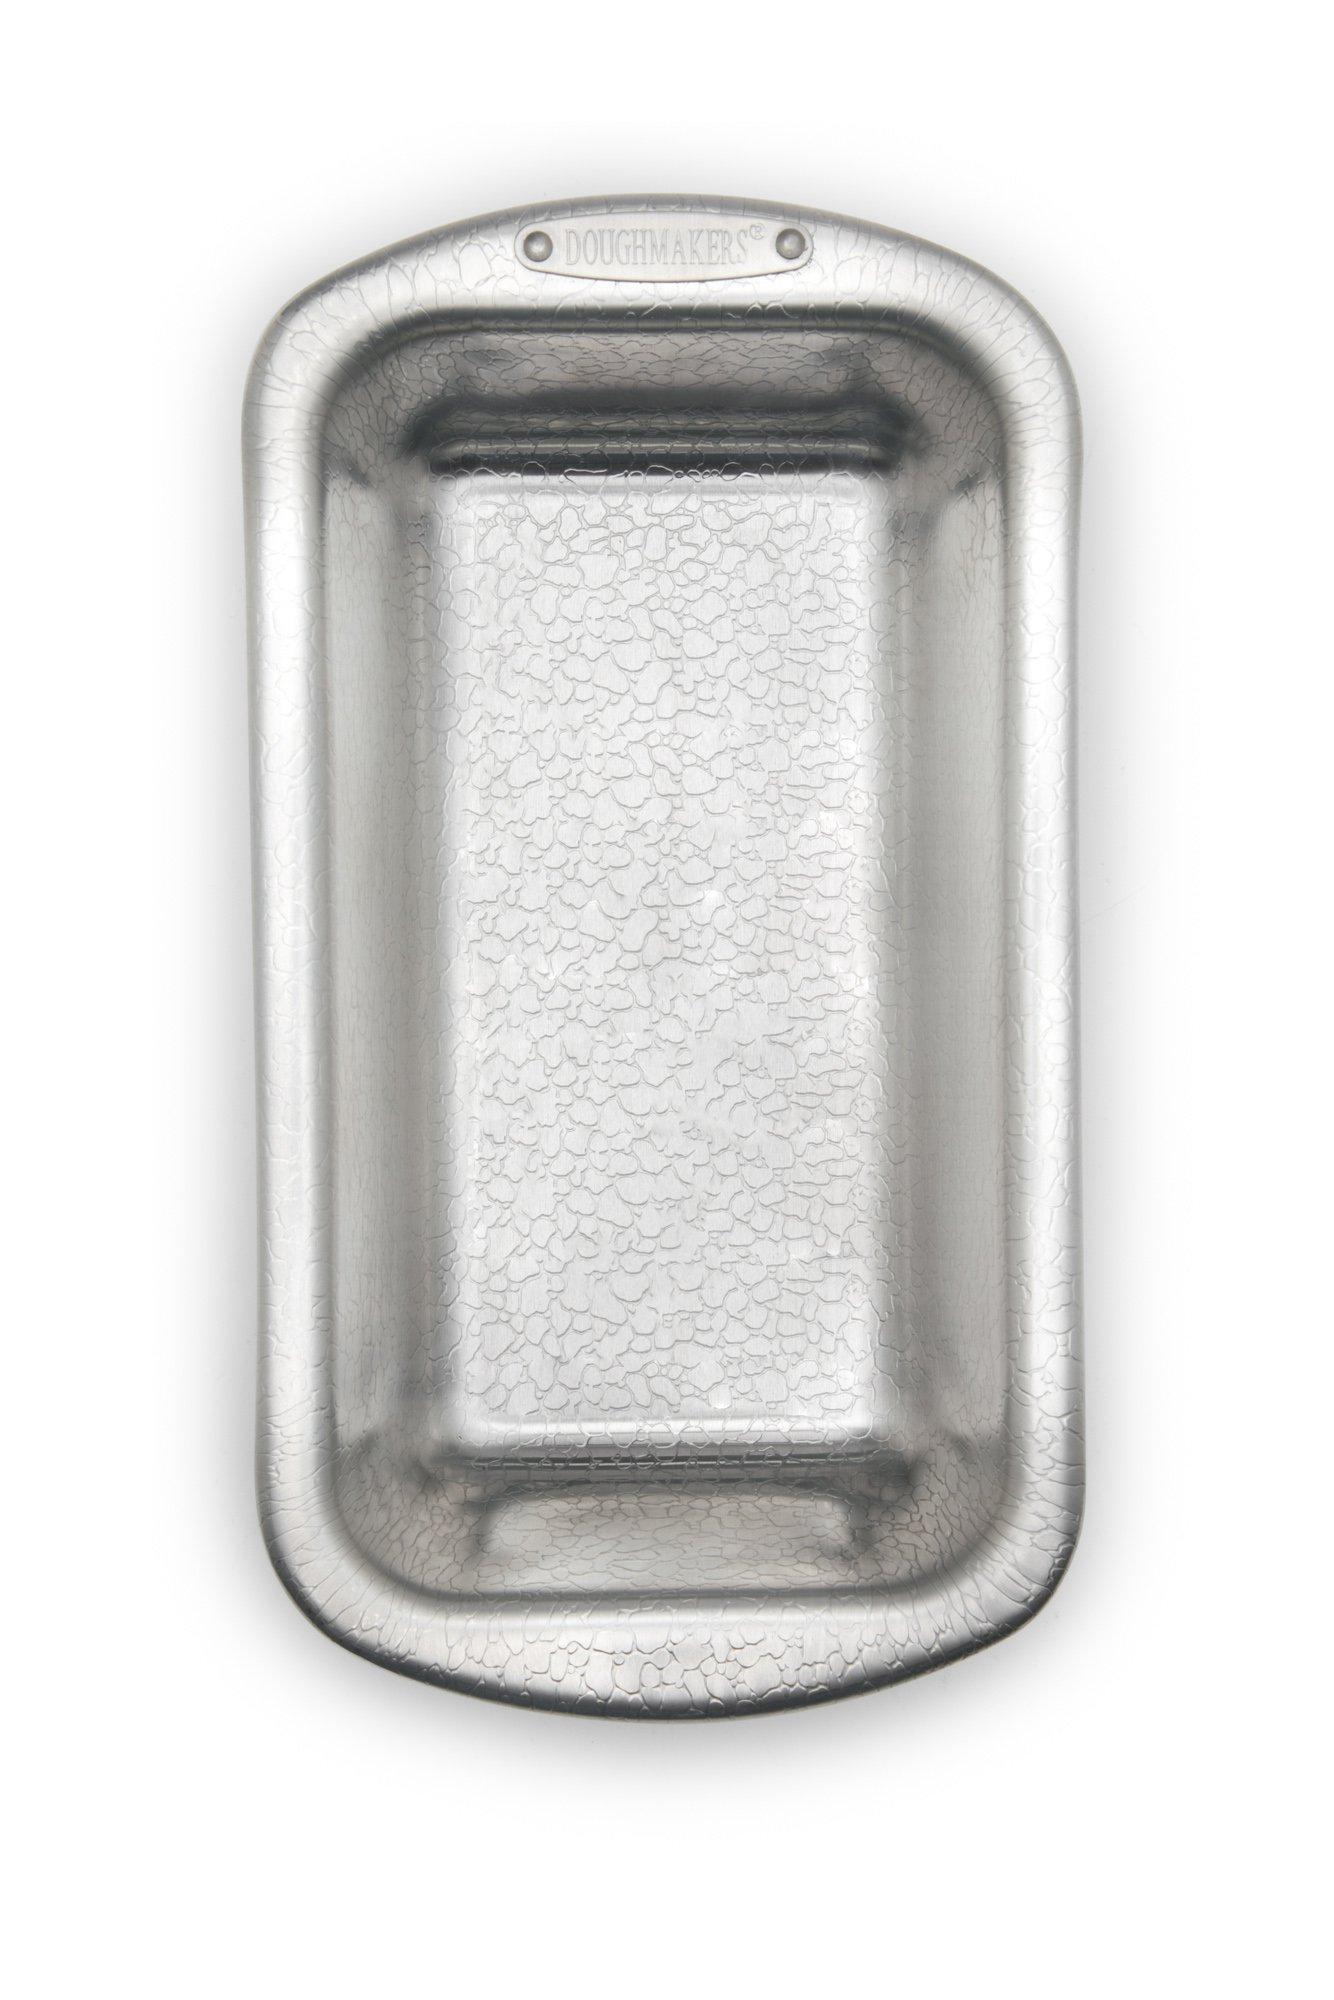 Loaf Pan Commercial Grade Aluminum 8.5'' x 4.5''